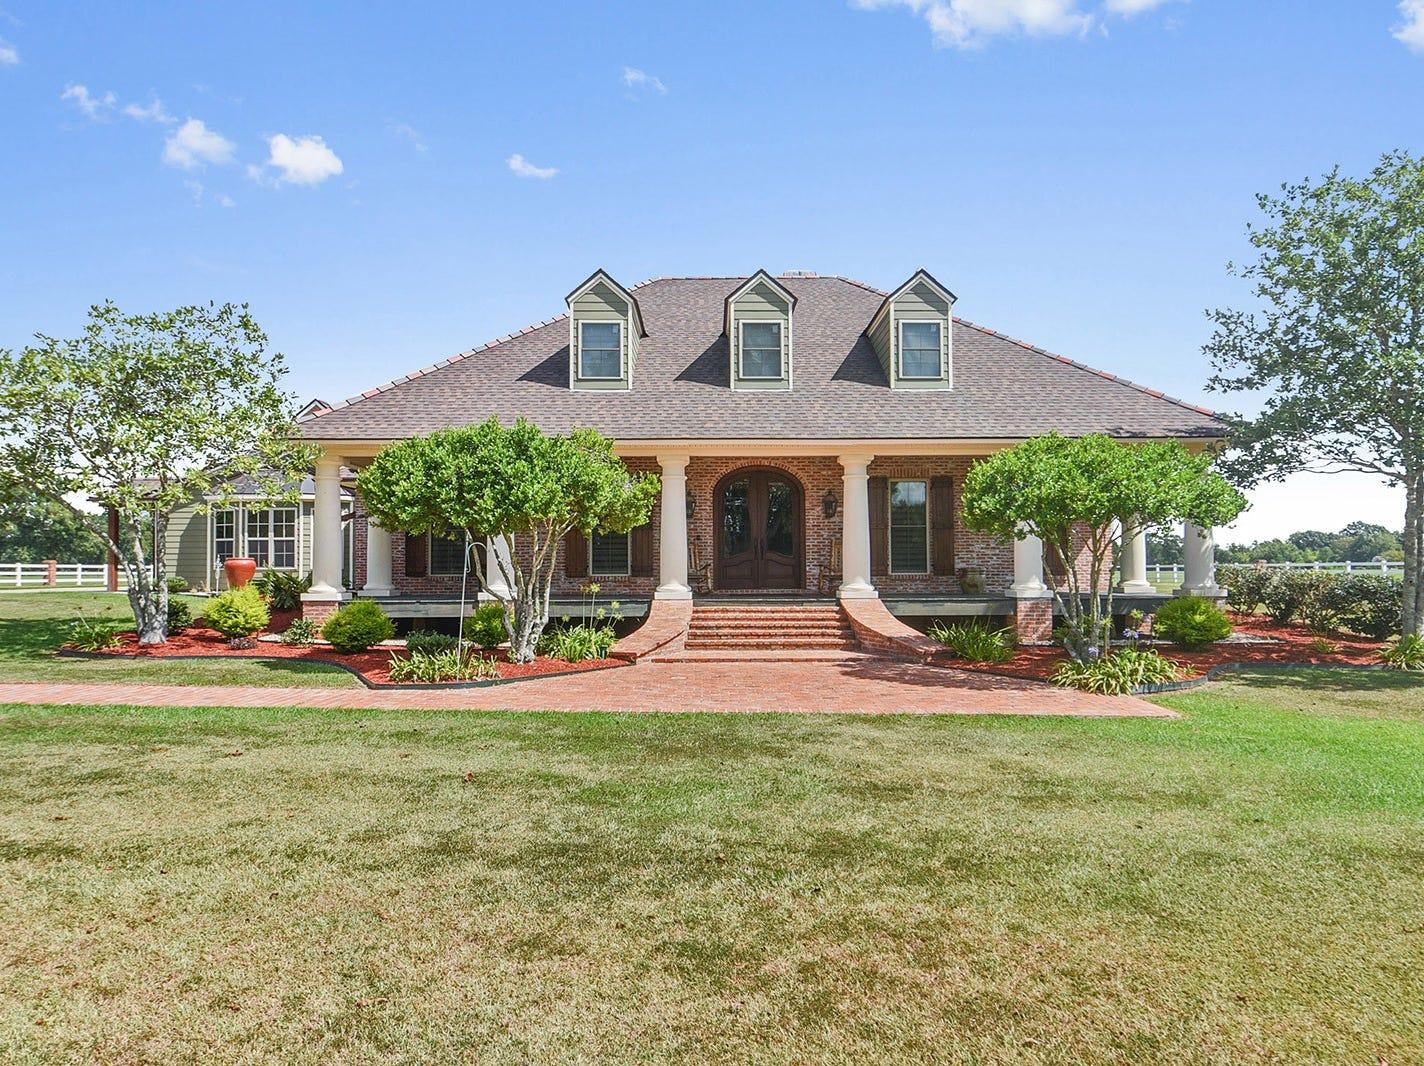 Got $1.3M? Tour this amazing Carencro estate